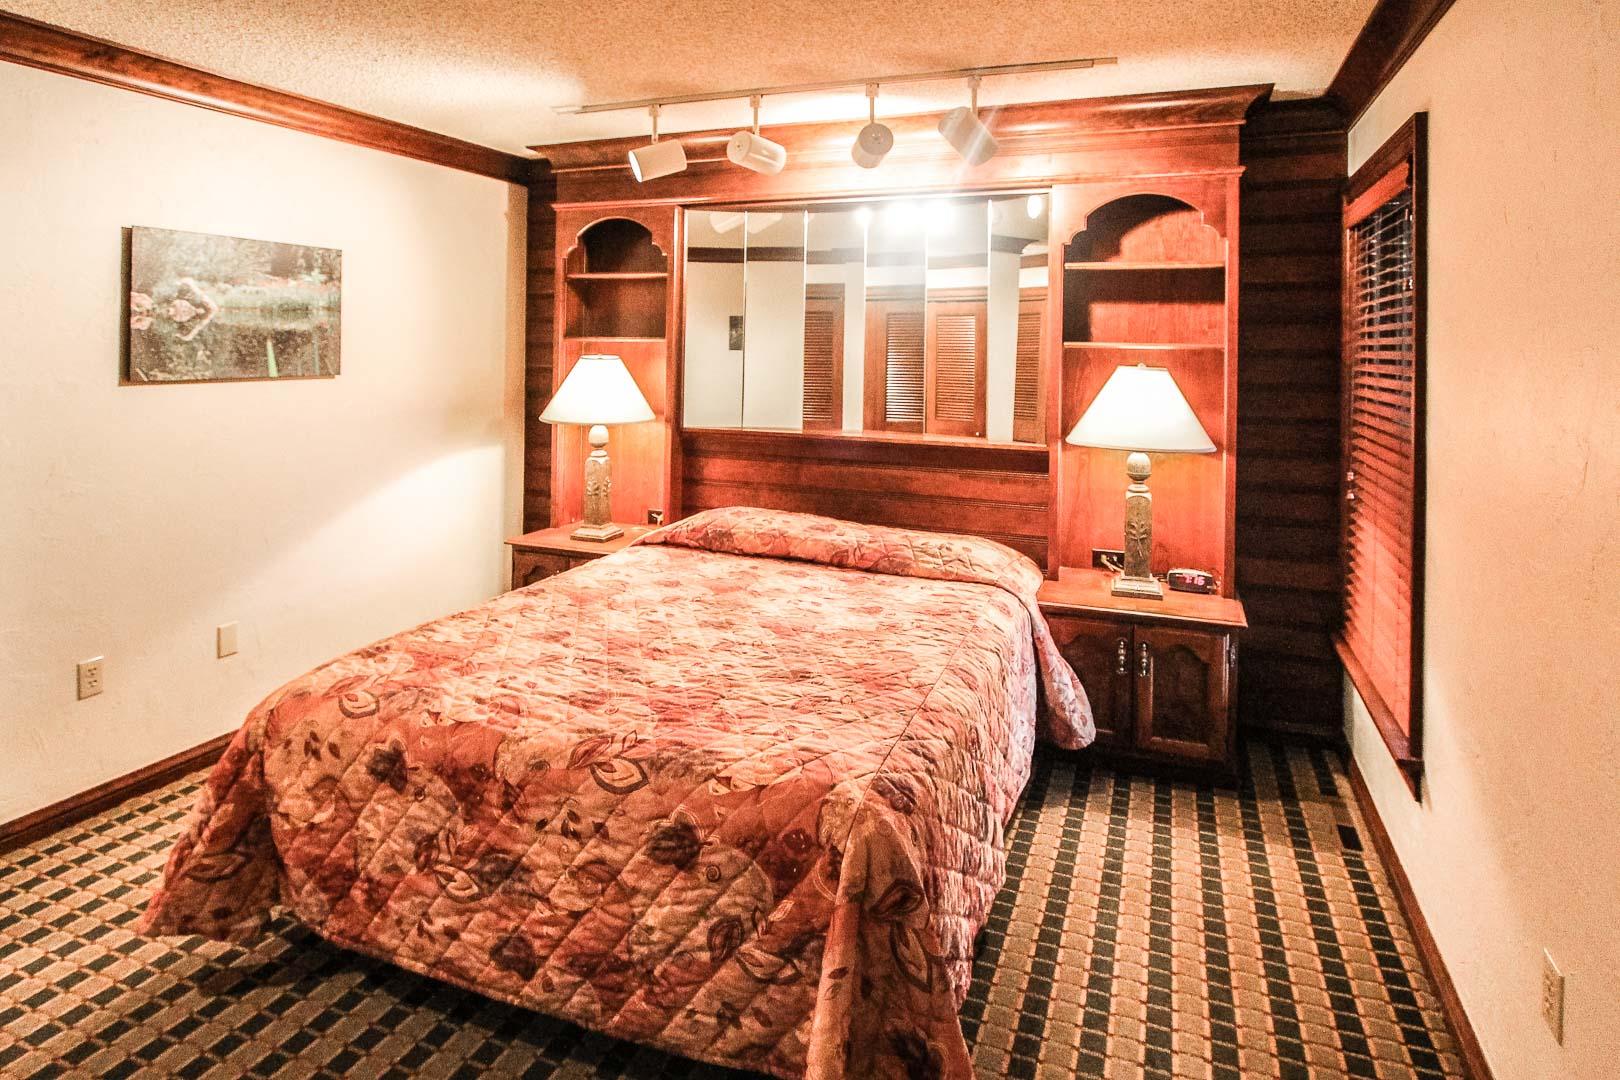 A cozy bedroom at VRI's Sunburst Resort in Steamboat Springs, Colorado.